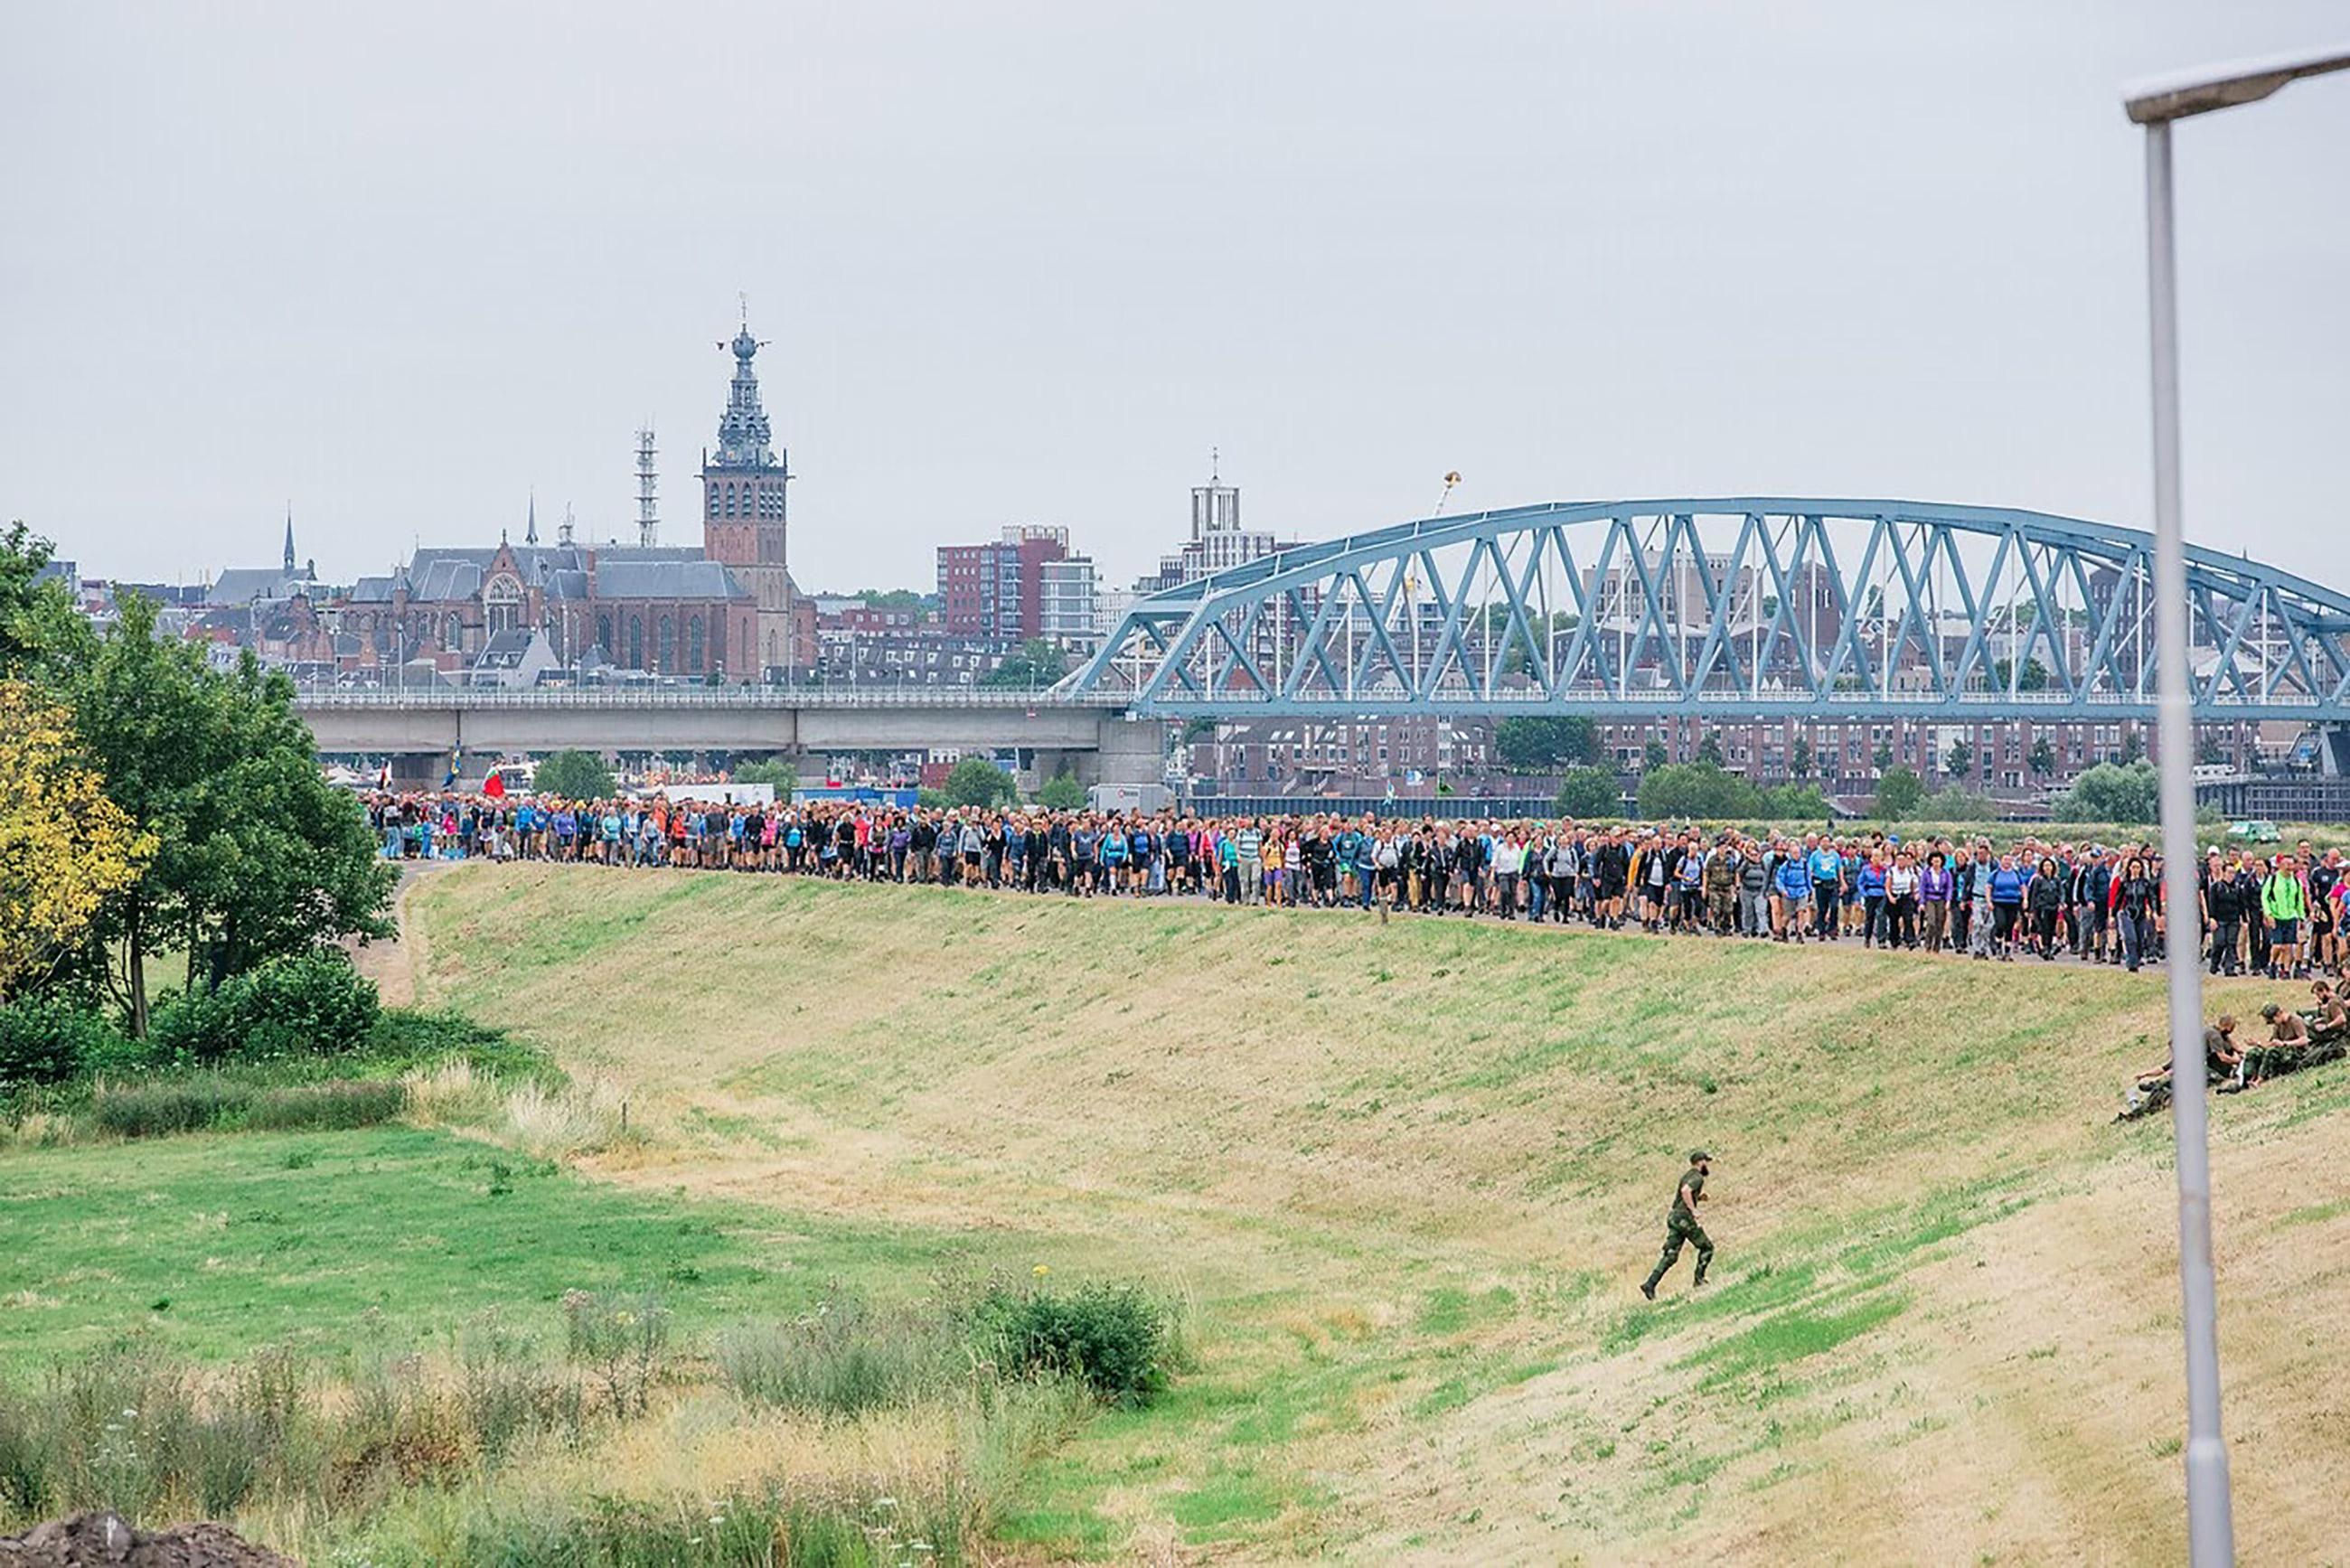 104de Internationale Vierdaagse Afstandsmarsen Nijmegen: Sneller duidelijkheid voor deelnemers door eenvoudiger inschrijfprocedure